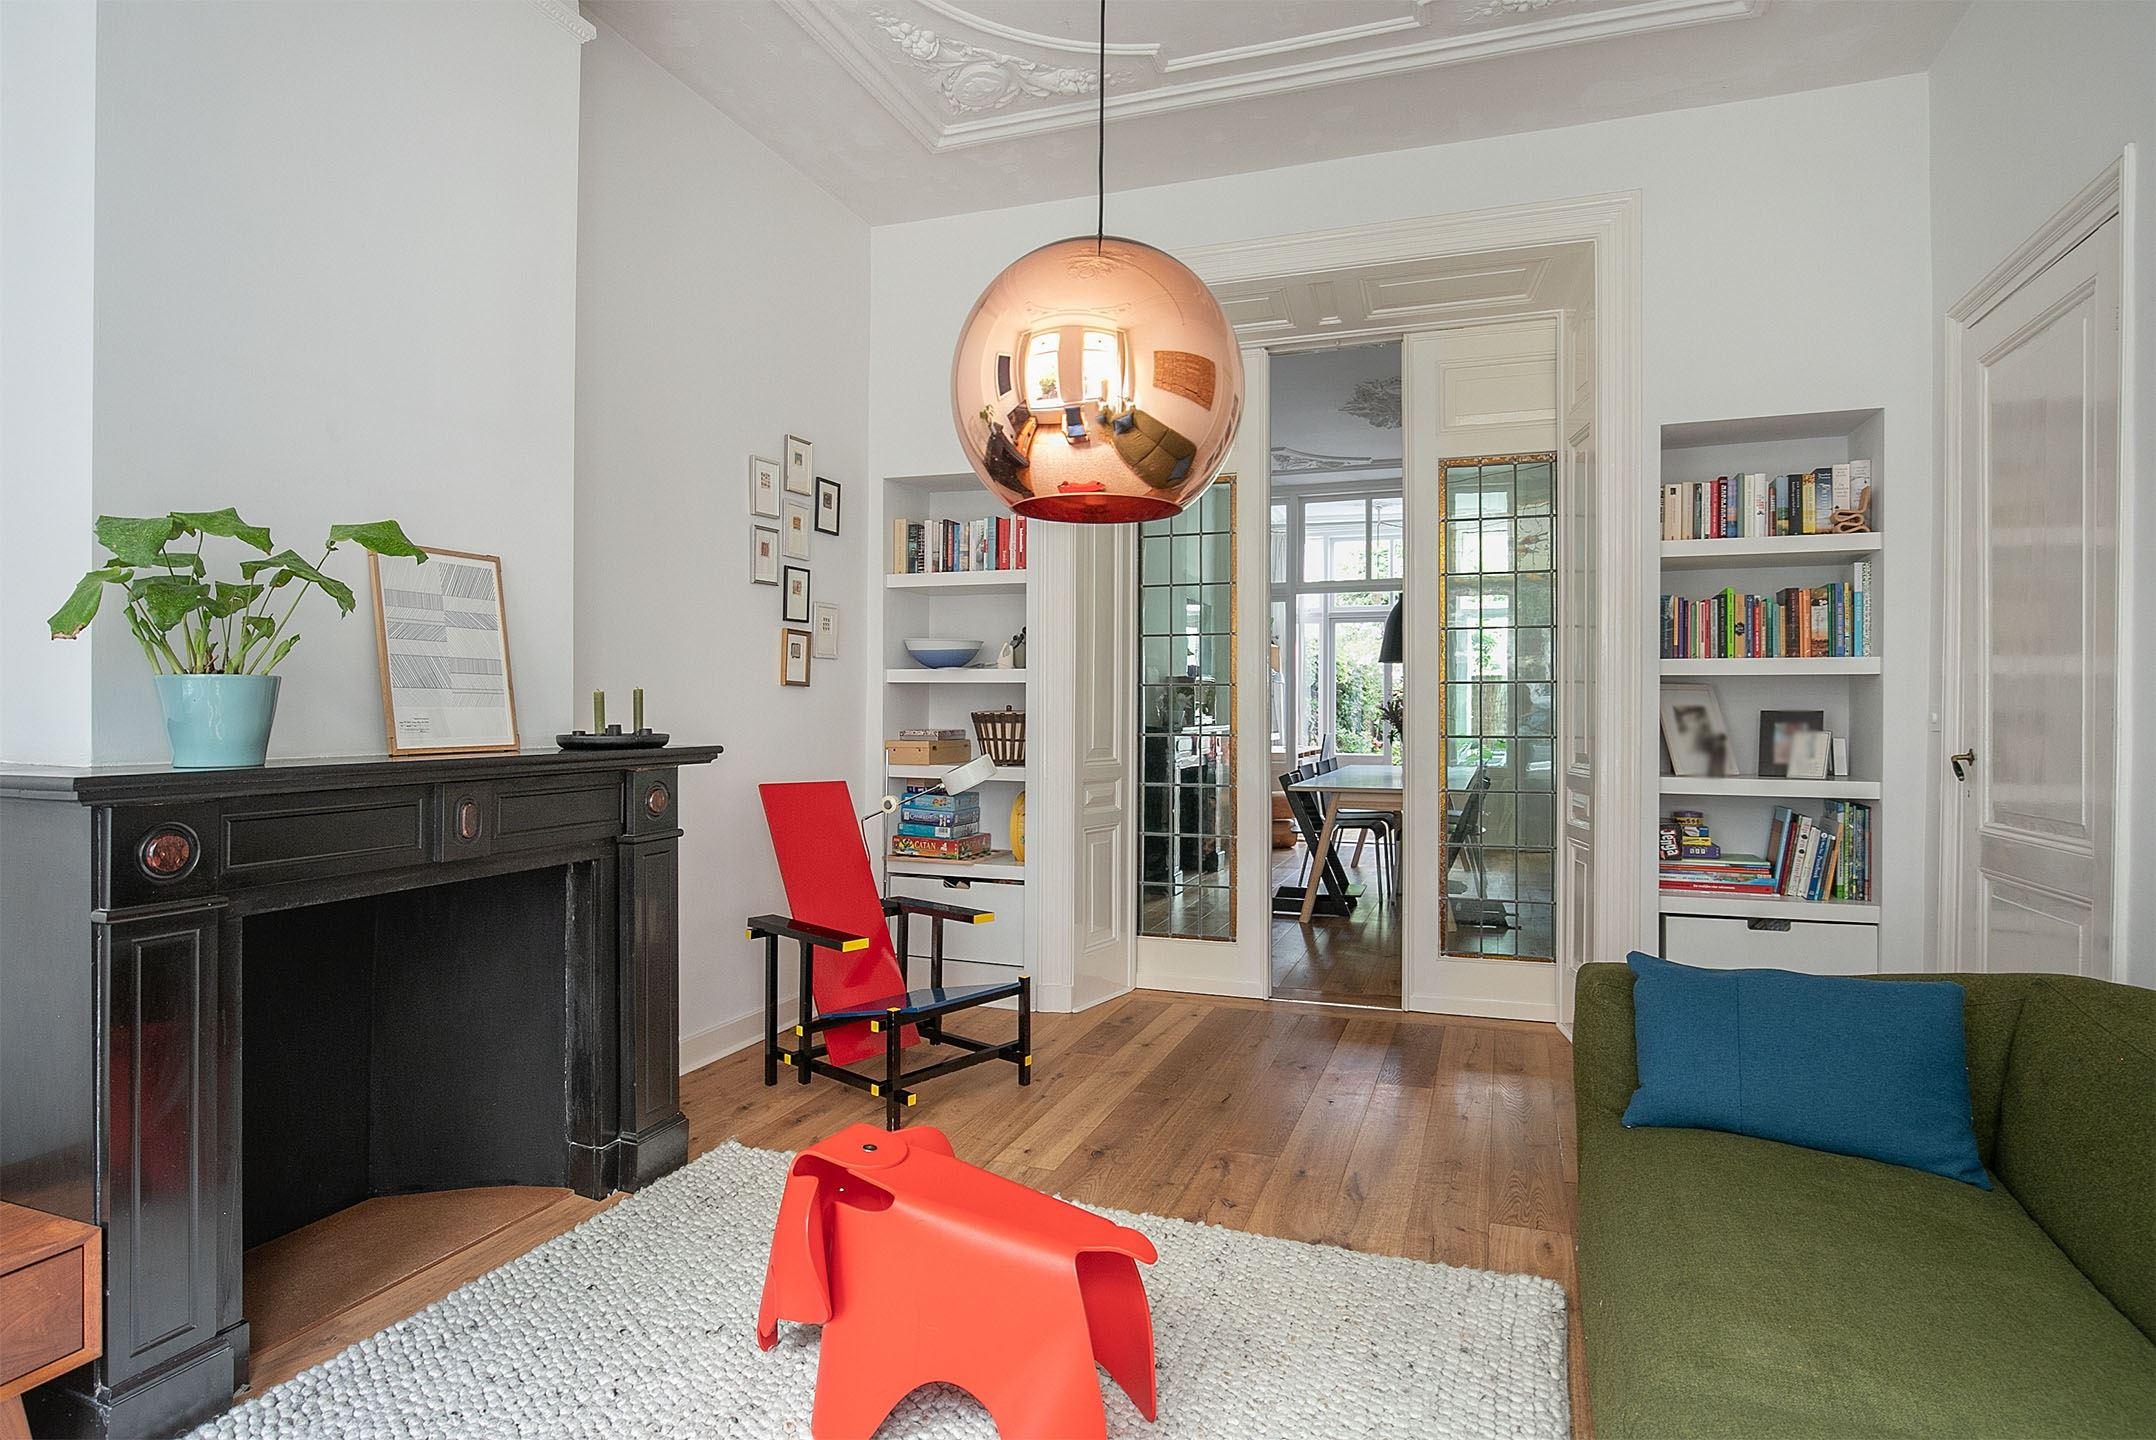 """Prachtig appartement met een ruime woon-/ eetkamer met originele schuifseparatie met glas-in-lood, een ruime en zonnige achtertuin van circa 11 meter diep in het """"Regentessekwartier"""" in Den Haag"""